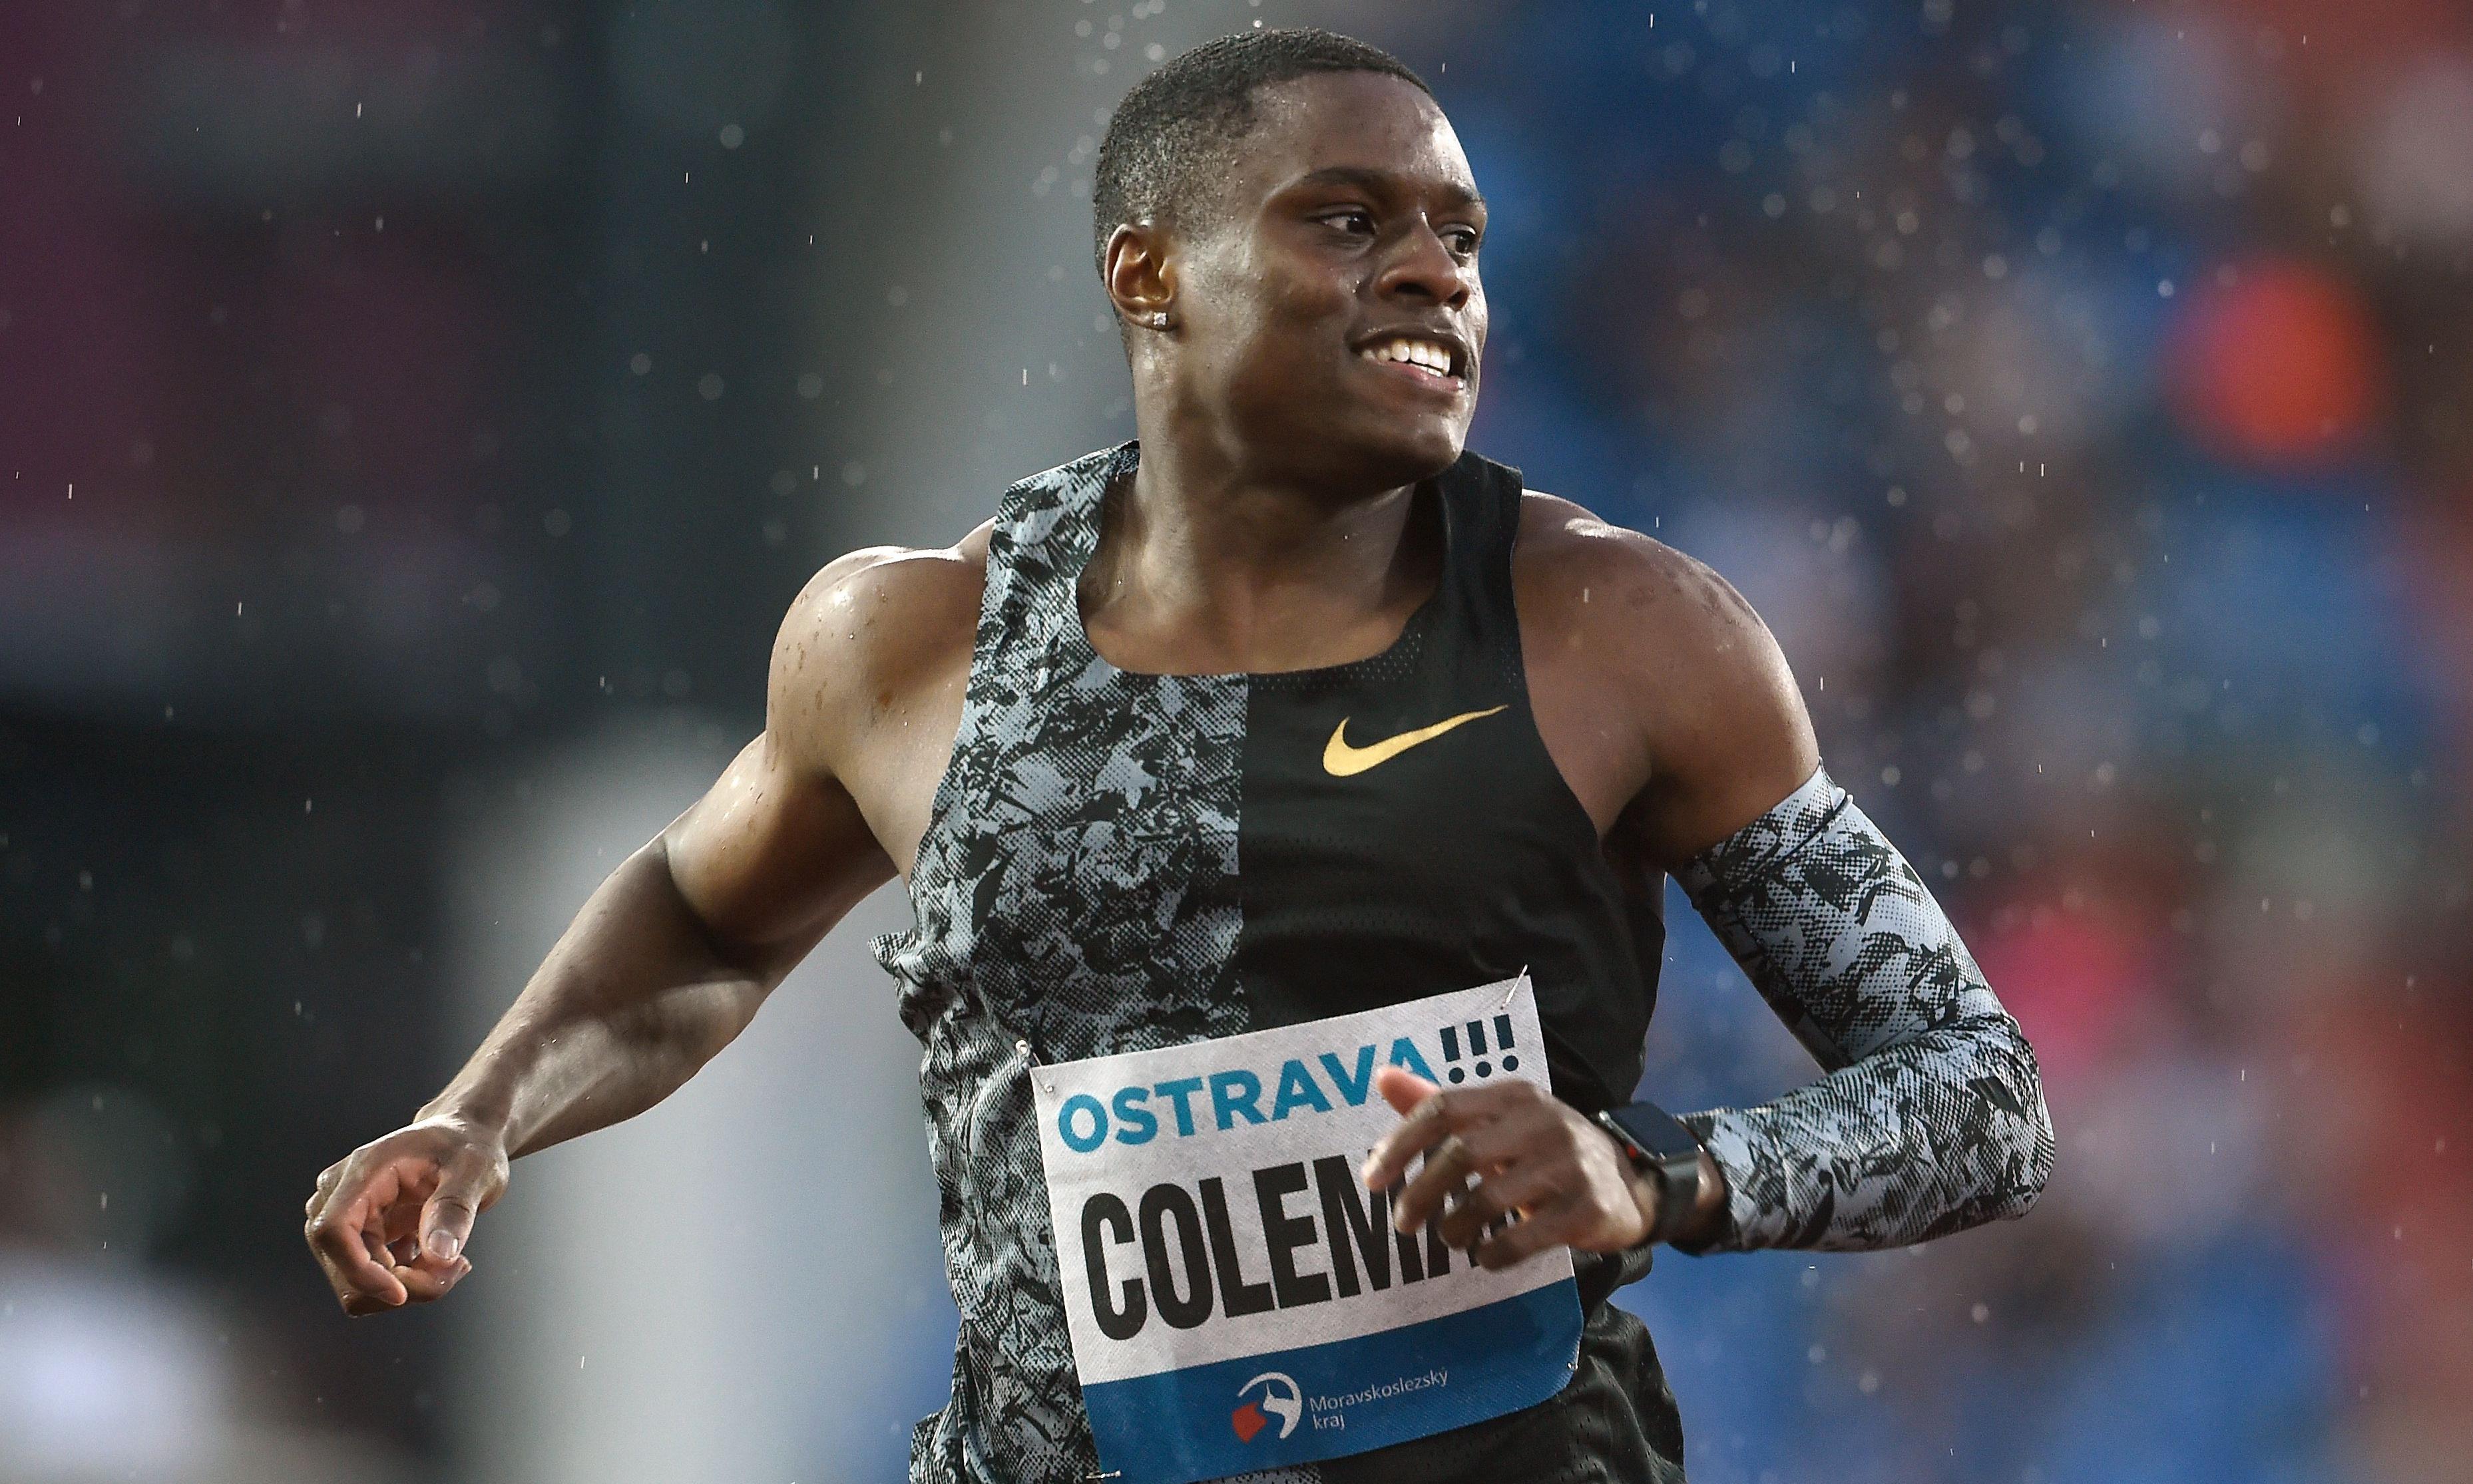 US sprinter Christian Coleman facing ban for alleged missed drug tests